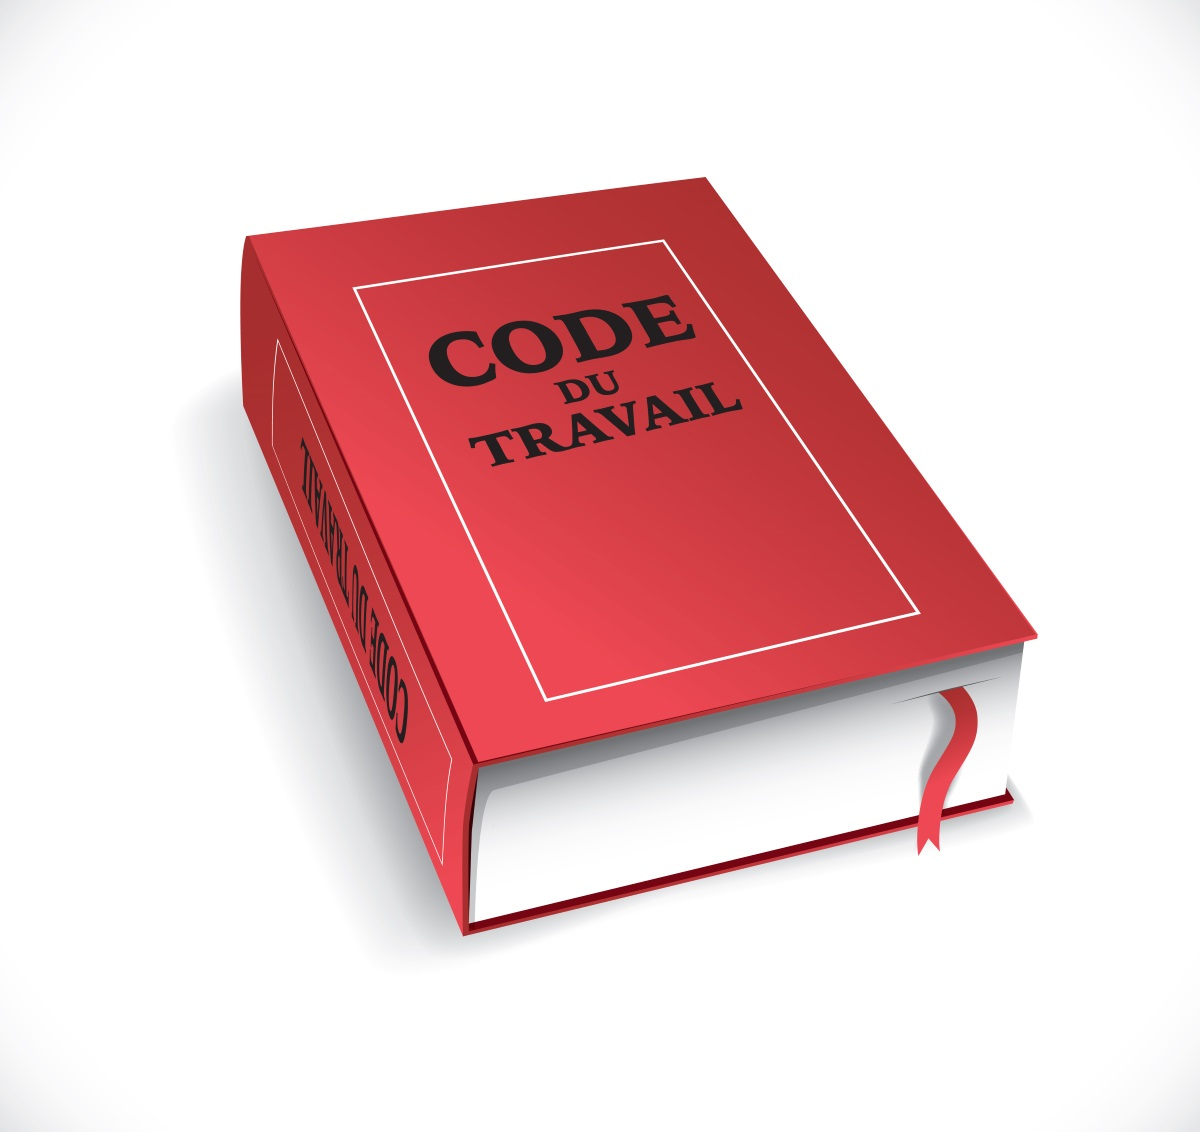 Télétravail-code_du_travail-Droit-Credit : kotoyamagami-Fotolia.com